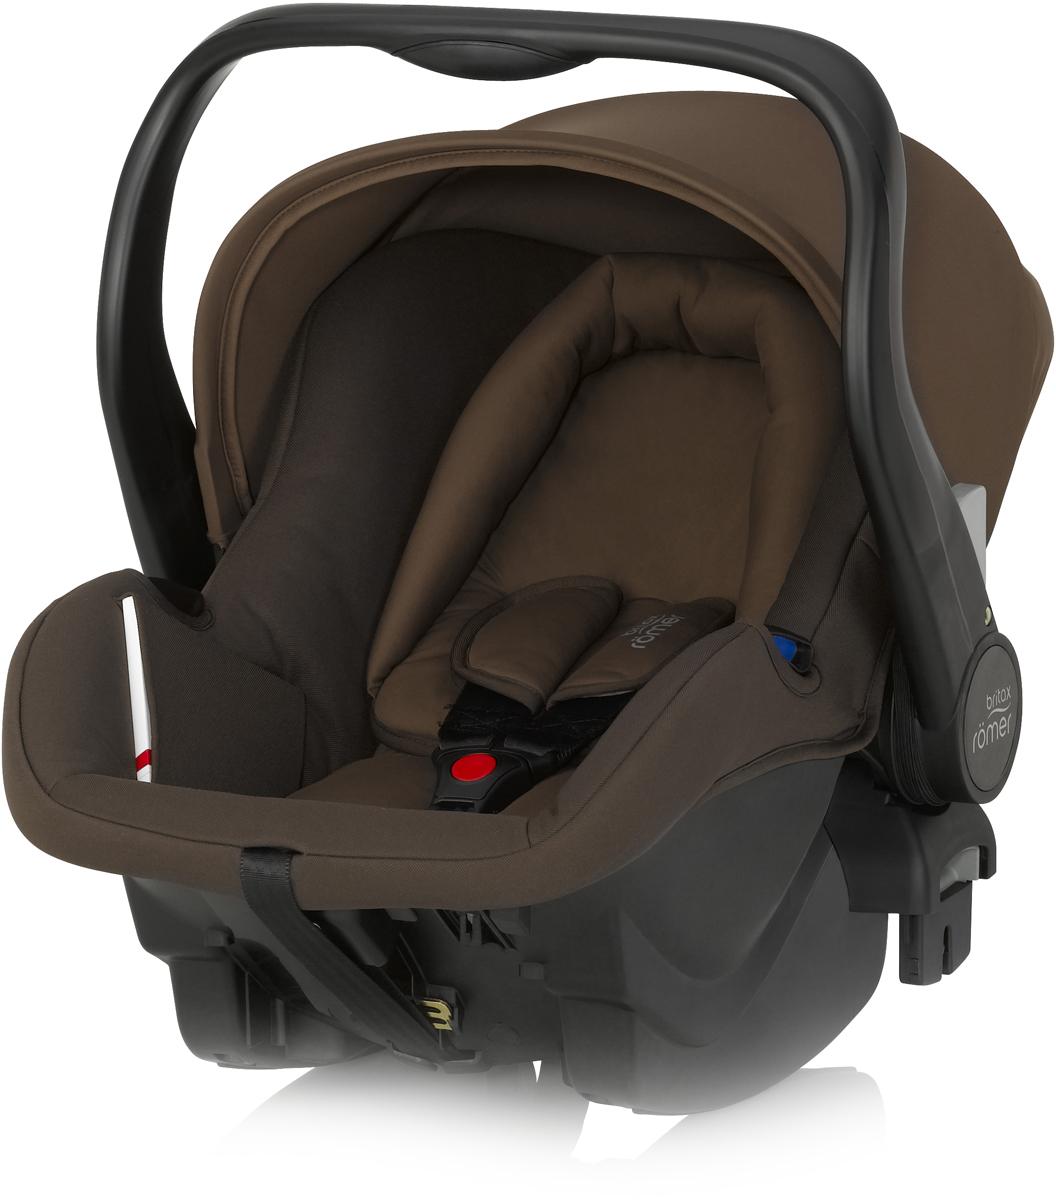 Romer Автокресло Primo Wood Brown до 13 кг2000023037Автокресло Romer Primo группы 0+ предназначено для детей весом до 13 кг (от рождения до 12 месяцев). Автокресло было разработано для родителей, которые ценят комфорт ребенка, простоту в обращении и удобство установки в любом автомобиле. Удобная ручка для переноса, регулируемый капюшон, встроенные адаптеры для коляски, оснащенной системой CLICK & GO, вставка для новорожденных из двух частей, легкость и простота установки в автомобиле - идеальное сочетание для создания Travel System - собственной системы путешествий. Автокресло Romer Primo создано, чтобы приносить только положительные эмоции.Особенности:Внутренний 3-точечный ремень безопасности регулируется всего одним движением руки.Специальный вкладыш для новорожденных, состоящий из 2 частей (подголовника с мягкими бортиками и подушки под спину), обеспечивает комфорт и безопасность во время сна. При необходимости вынимается, увеличивая свободное пространство внутри автокресла.Совместимость с детскими колясками BRITAX, оснащенными механизмом CLICK & GO.Съемный капор для защиты от солнца и ветра с защитой от УФ-излучения 50+. Эргономичная ручка для переноски: для ношения и использования в авто; для укладывания ребенка; для надежной установки за пределами автомобиля.Быстросъемный моющийся чехол с мягкой подкладкой, не требующий расцепления ремня безопасности.Изогнутое основание для укачивания или кормления.Глубокие боковины с мягкой обивкой и плечевые накладки на внутренних ремнях для еще большего комфорта ребенка.Быстрая и простая установка с помощью 3-точечного ремня безопасности автомобиля или специальной базы PRIMO.